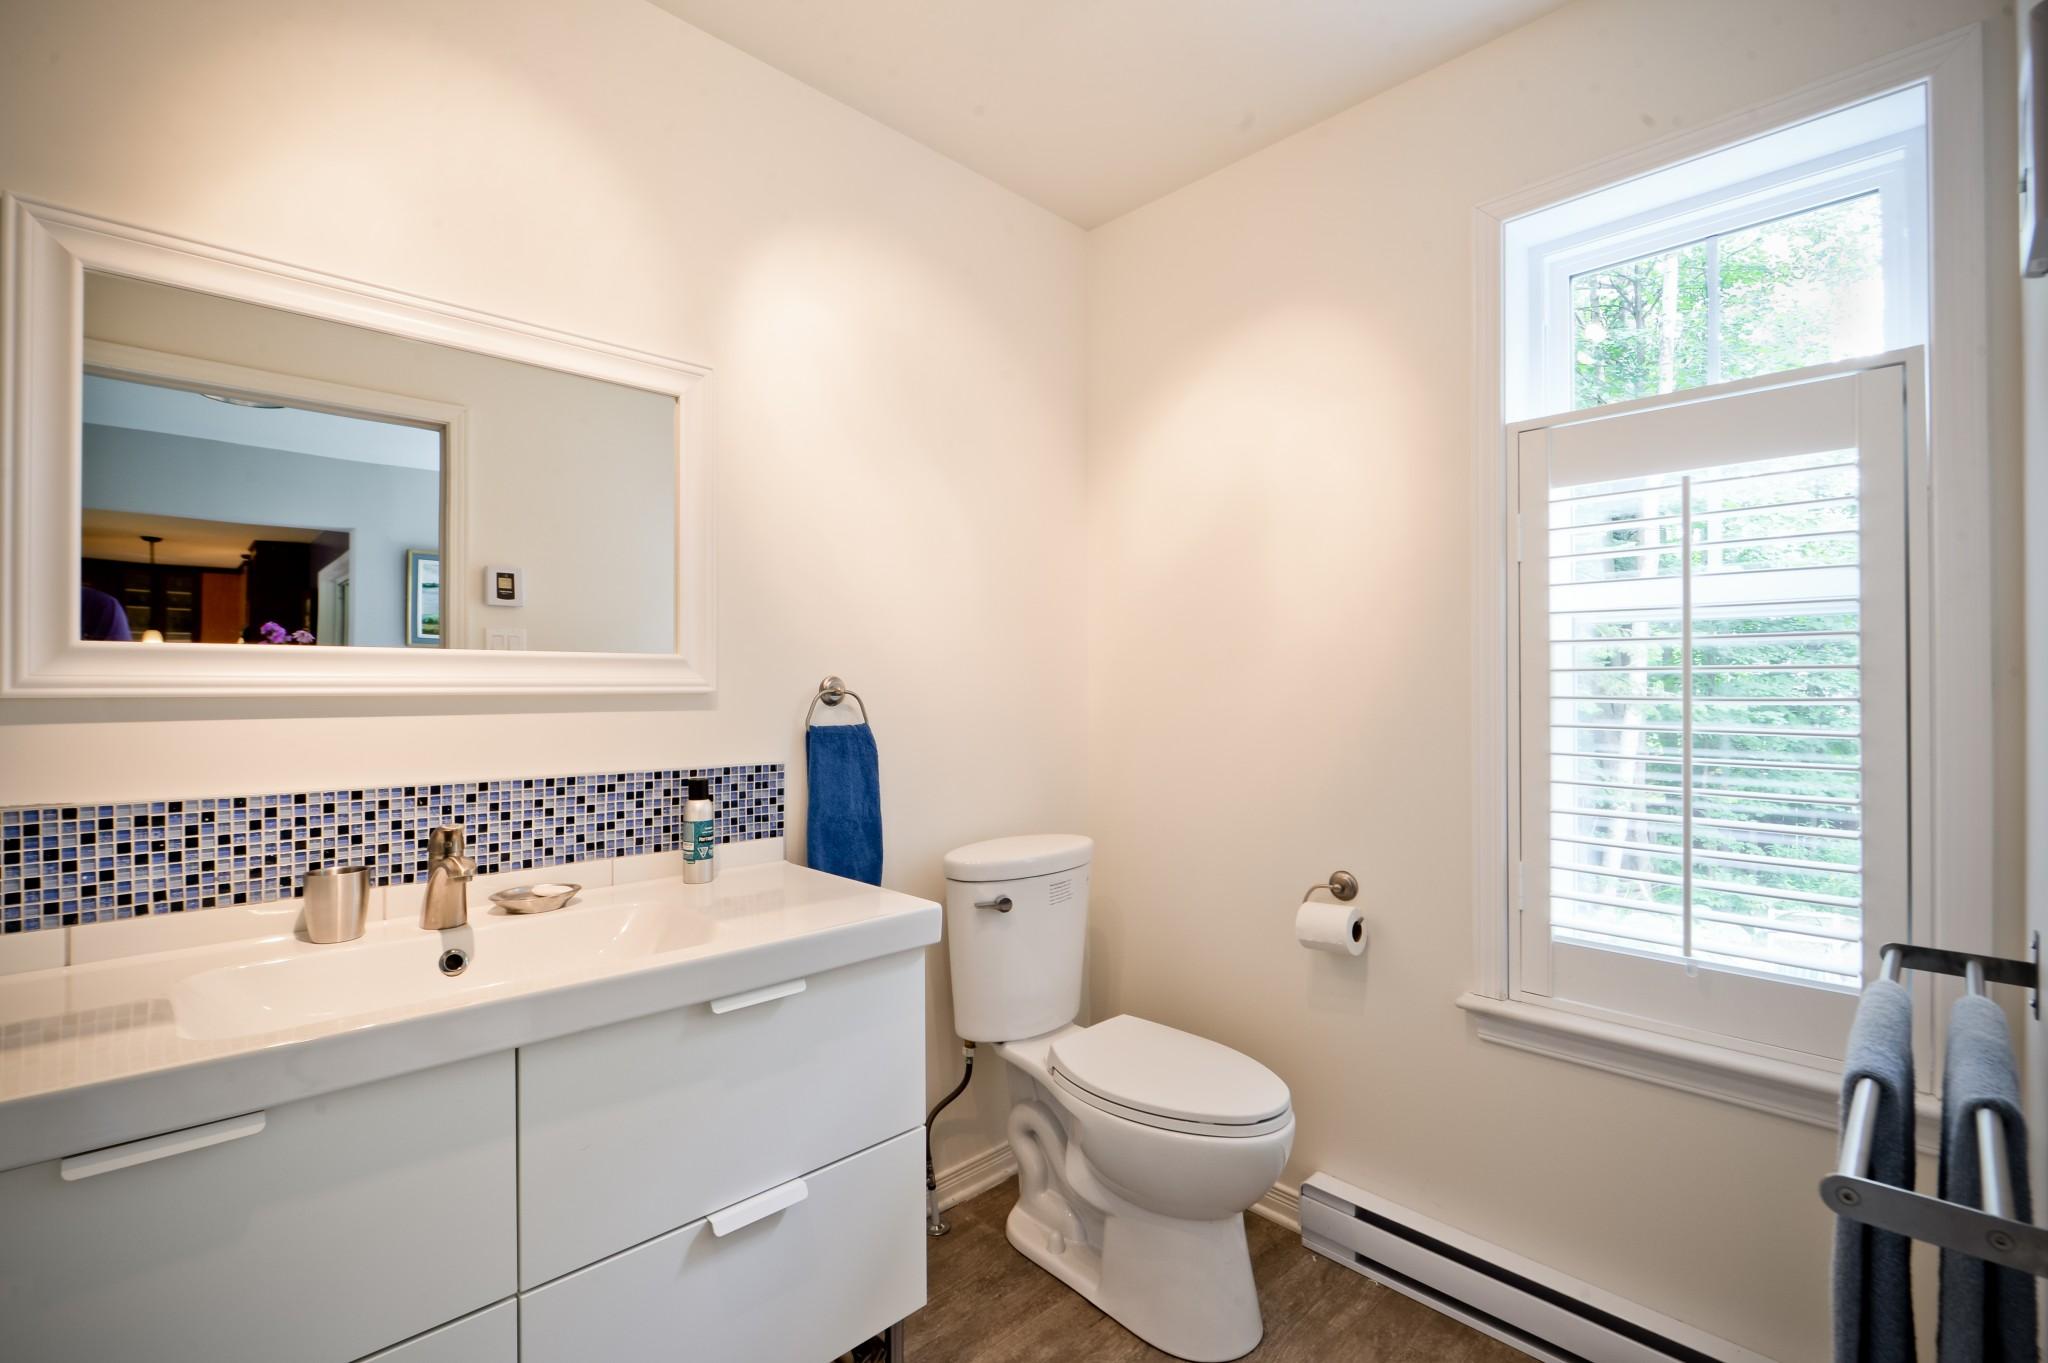 salle de bain maison personne agee